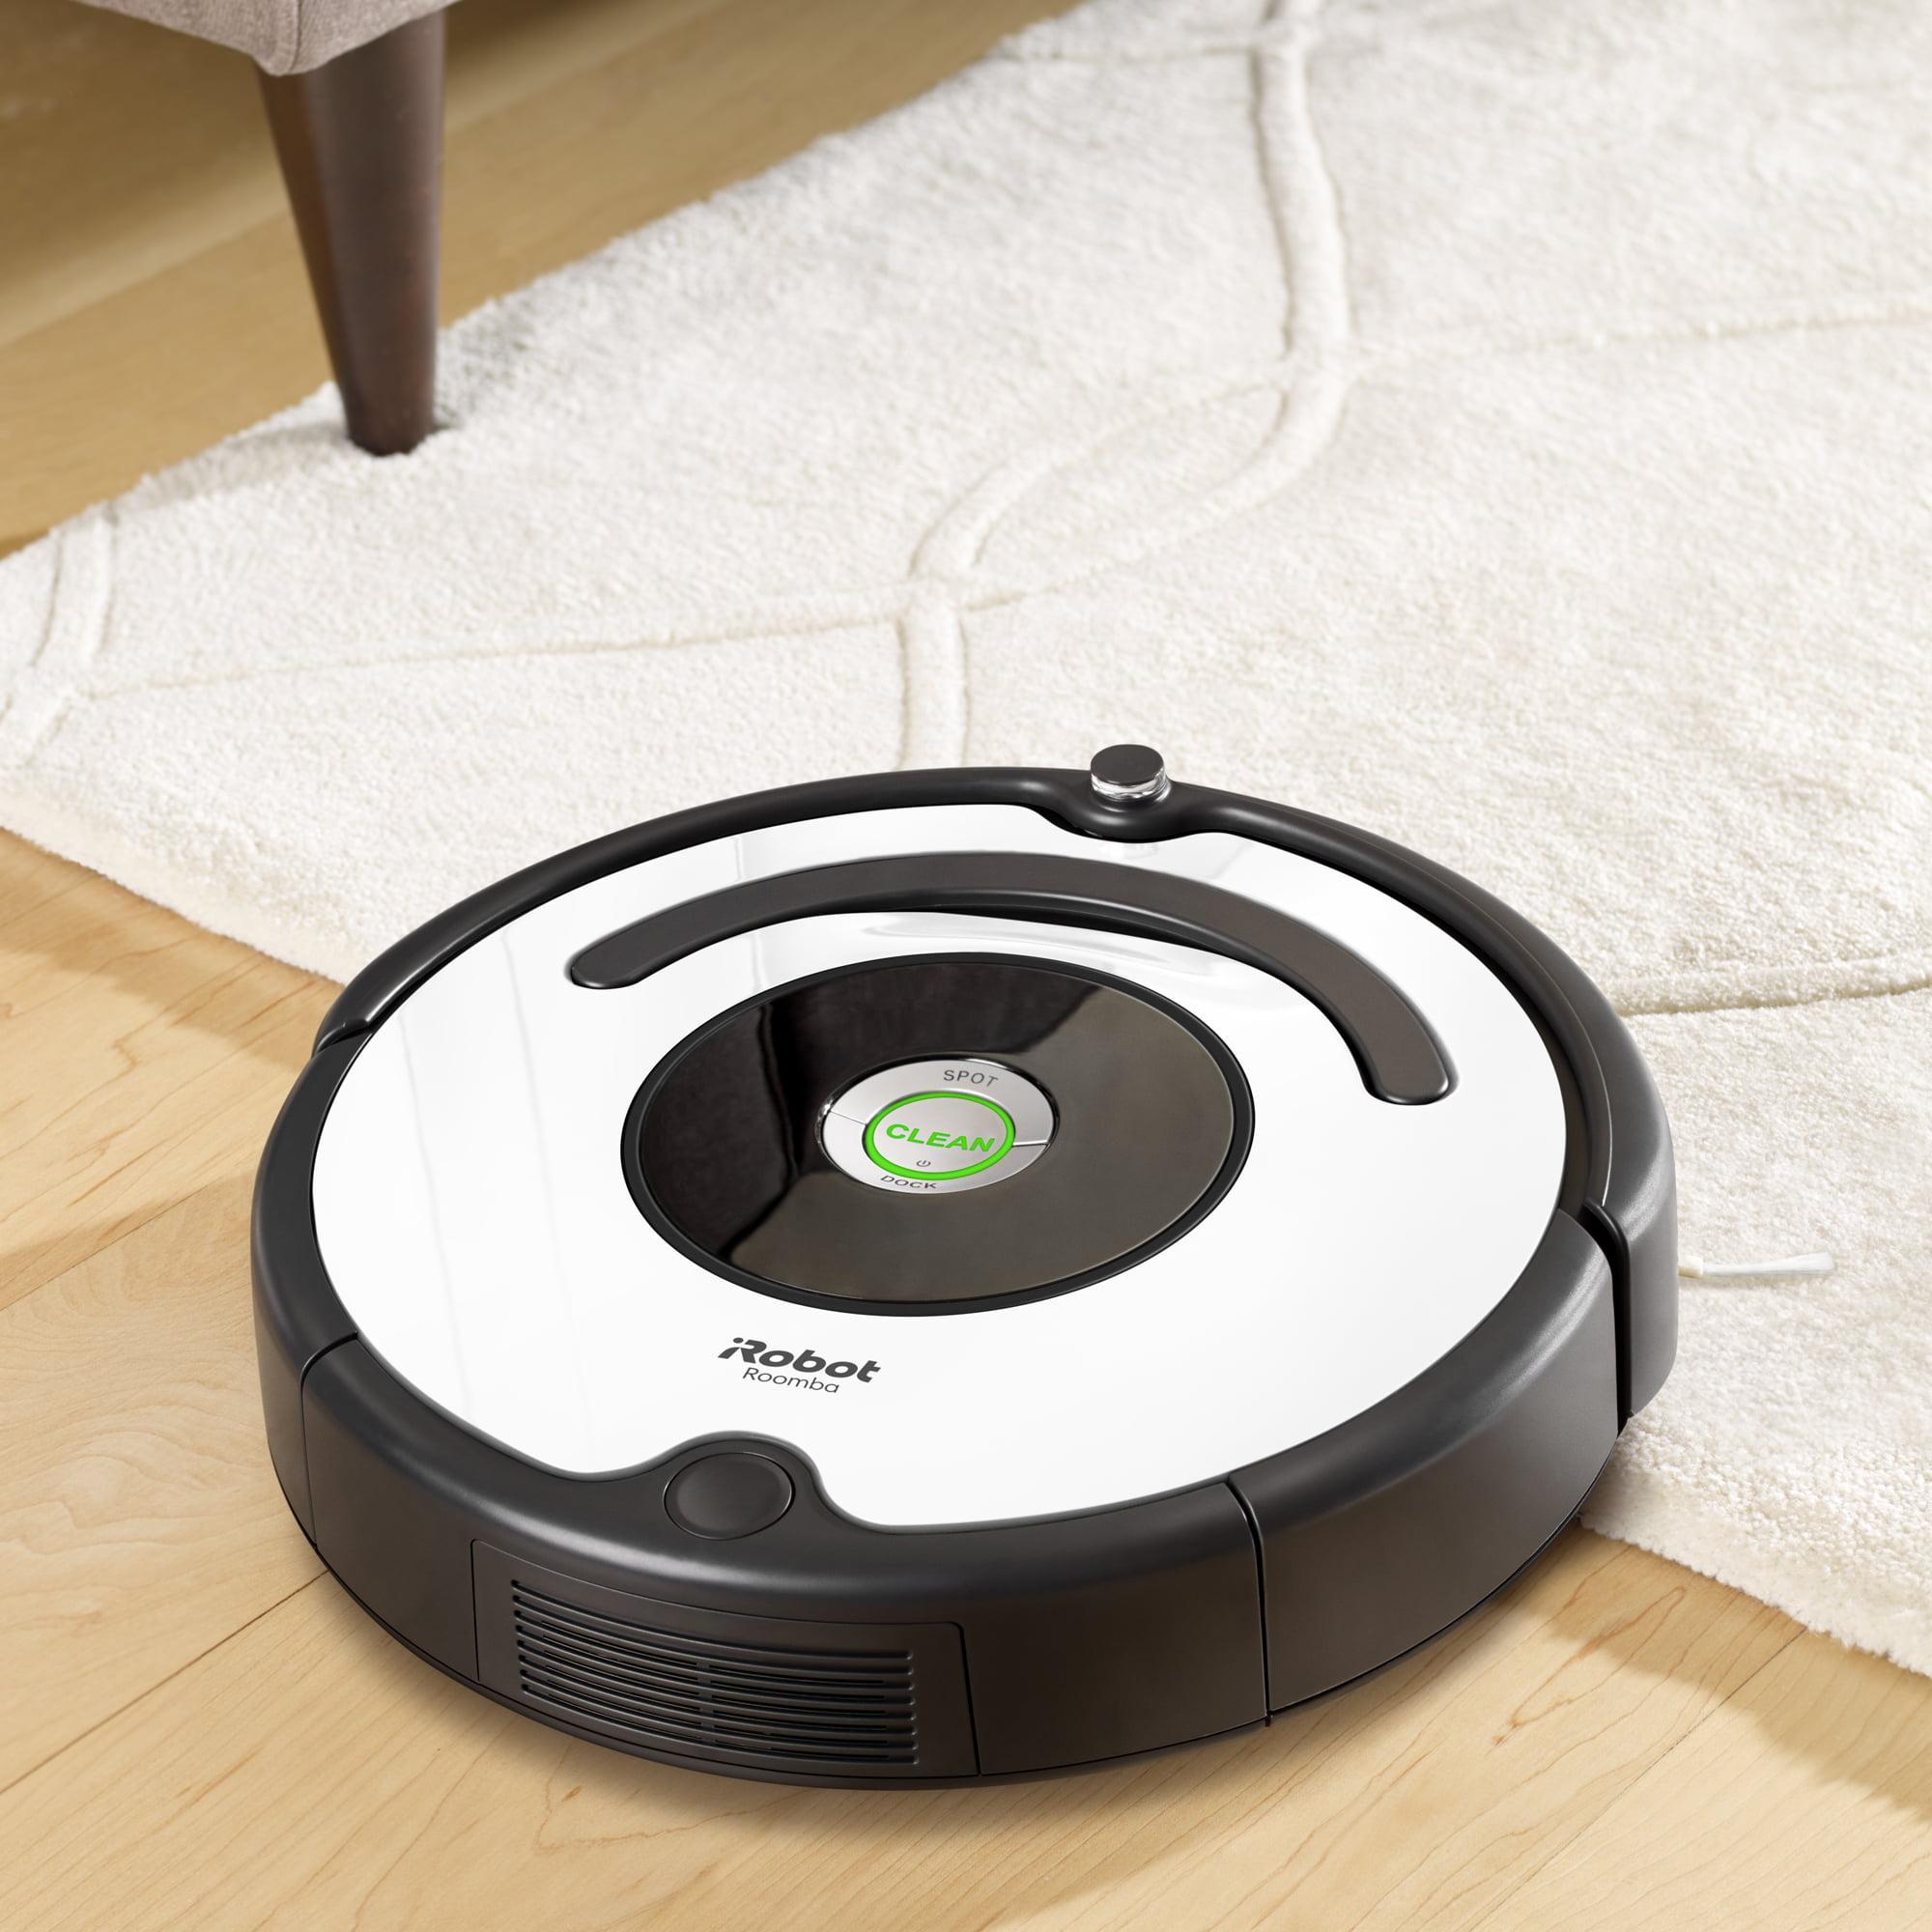 Does Roomba Vacuum Carpet Carpet Vidalondon